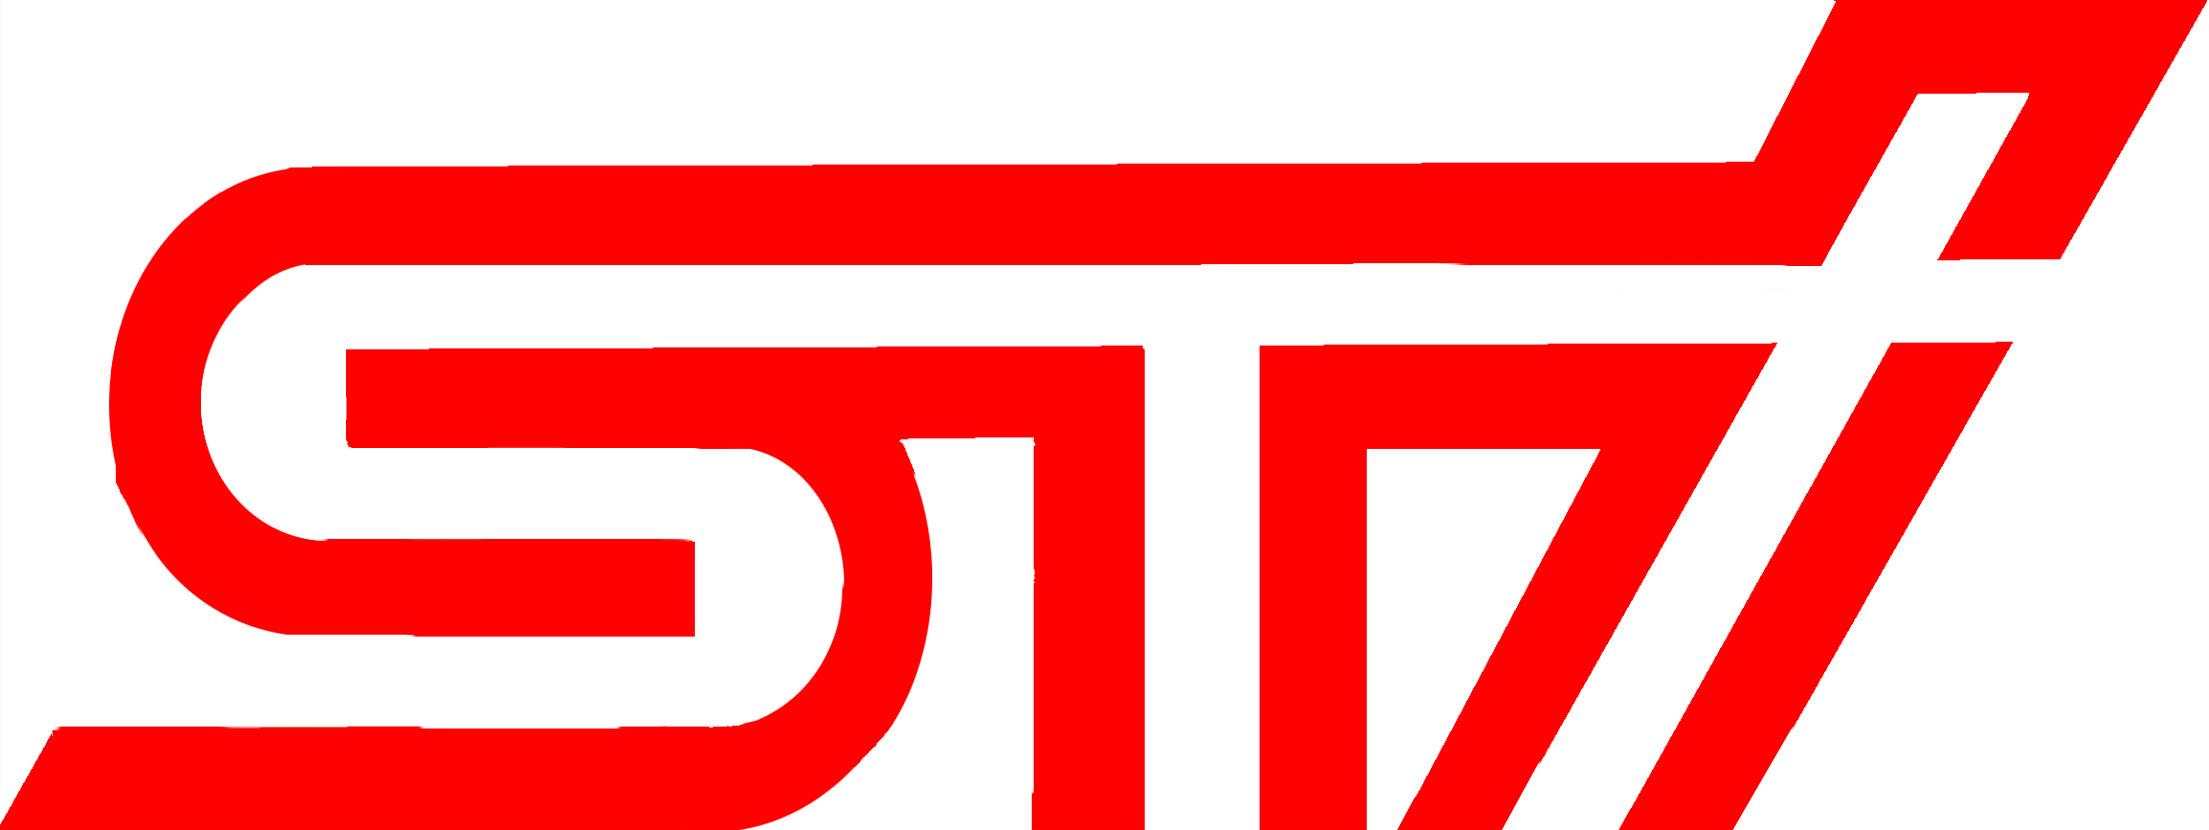 2008 Subaru WRX STi   DIY Intercooler Logo 2209x830